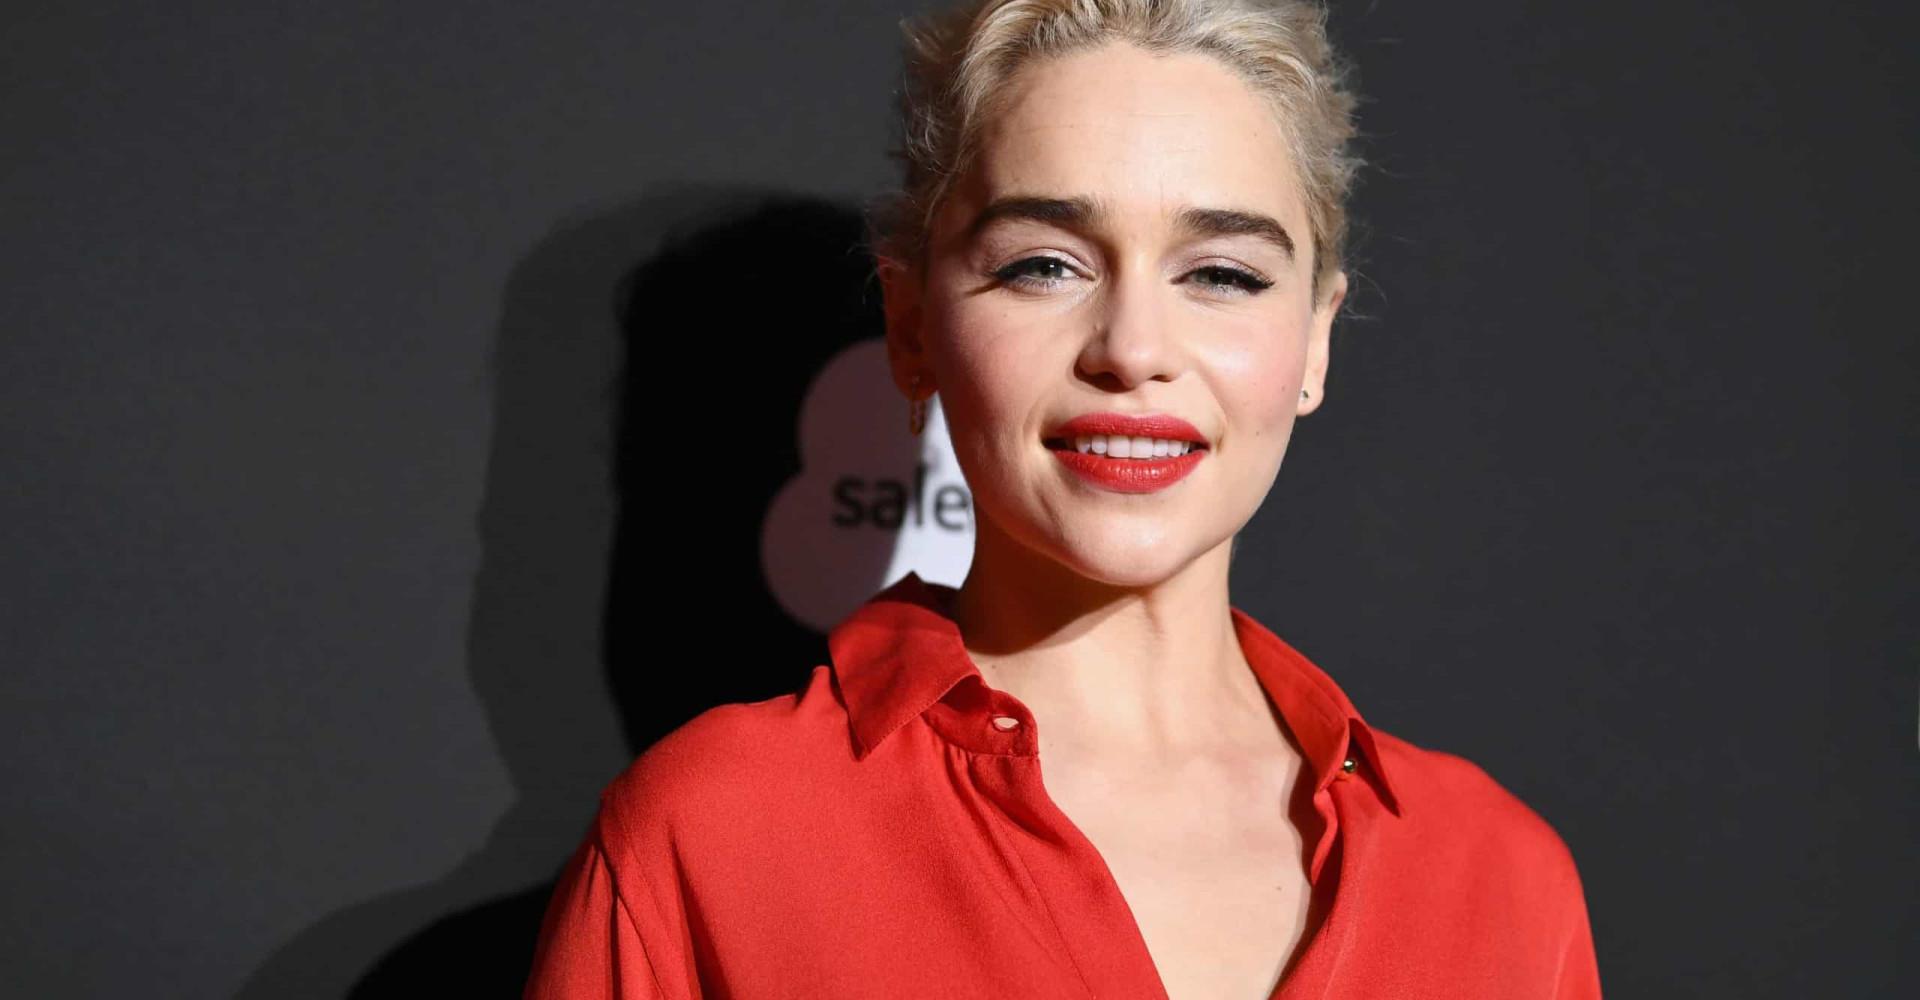 Emilia Clarke tiene dragones, ¡y un estilo arrebatador!